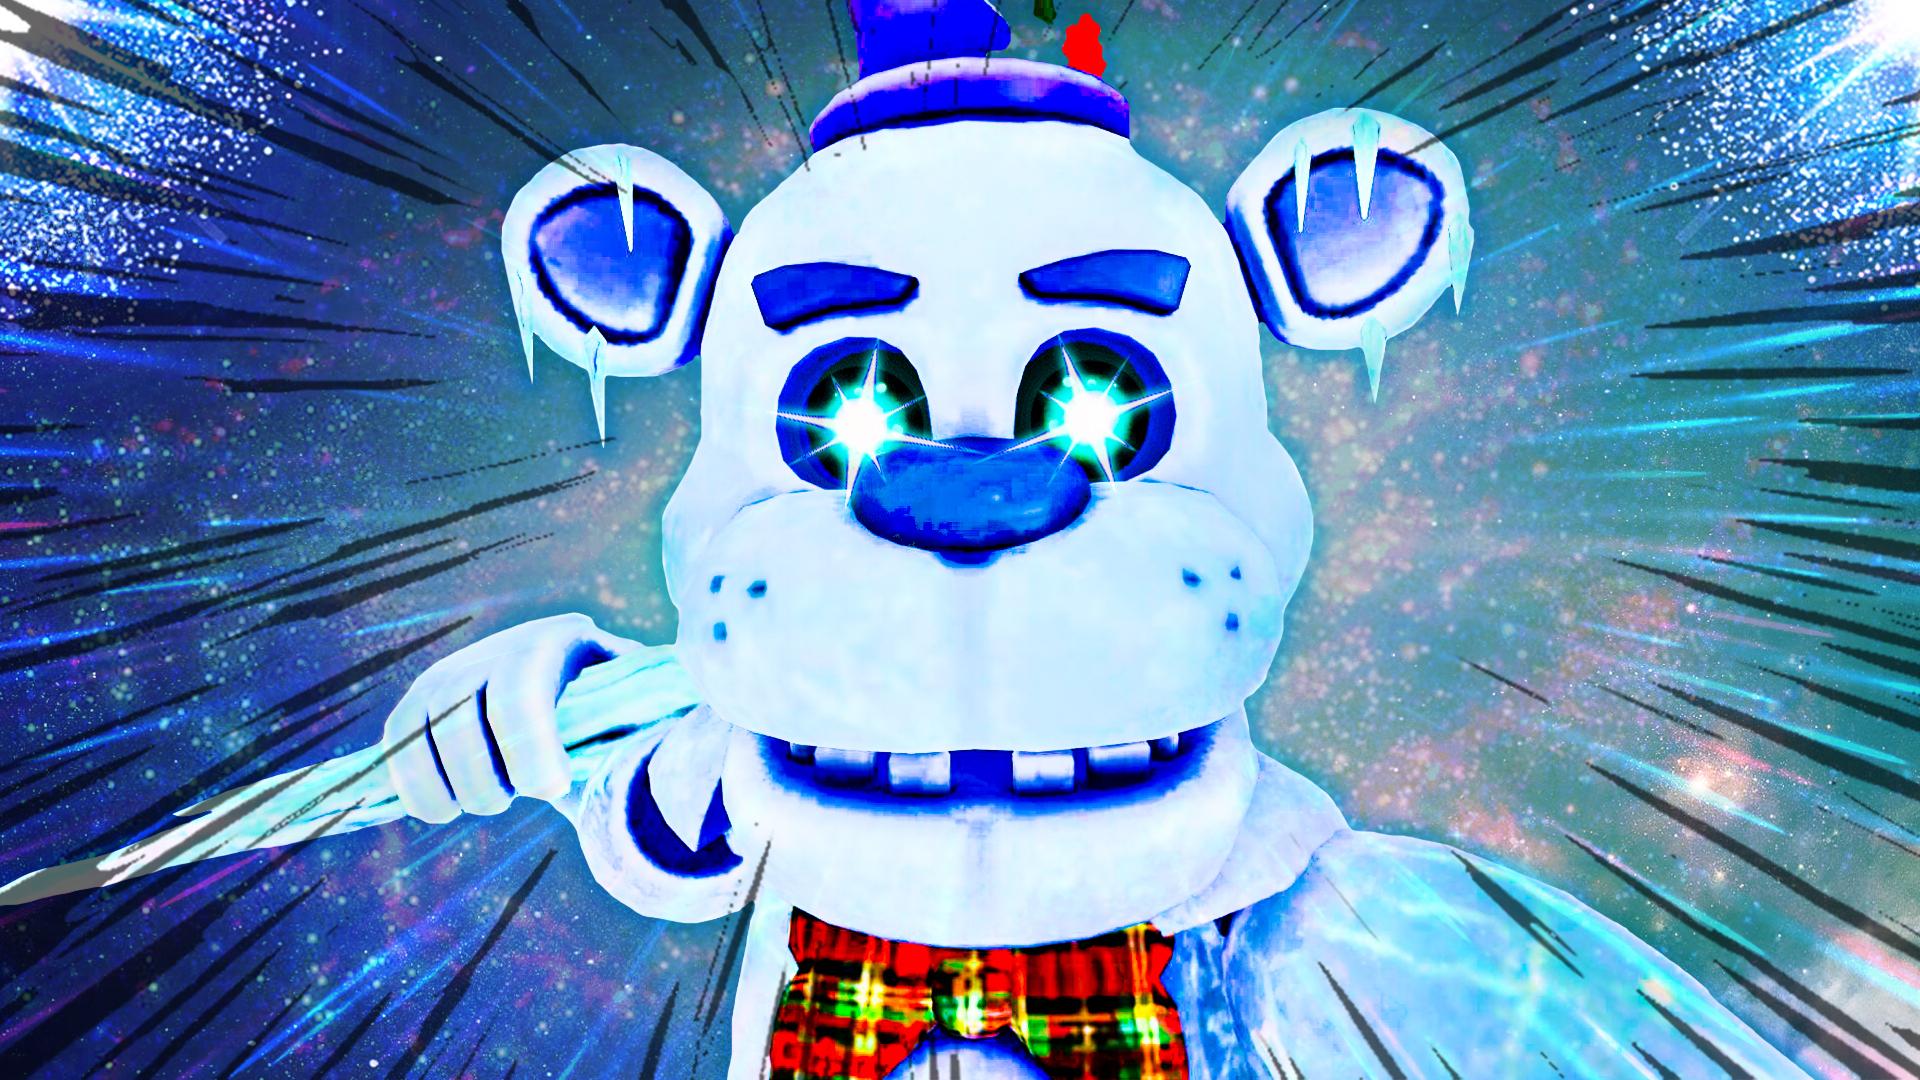 玩具熊全明星打卡:夜间警卫被寒冰弗莱迪的冰尖刀宰割 极栗解说